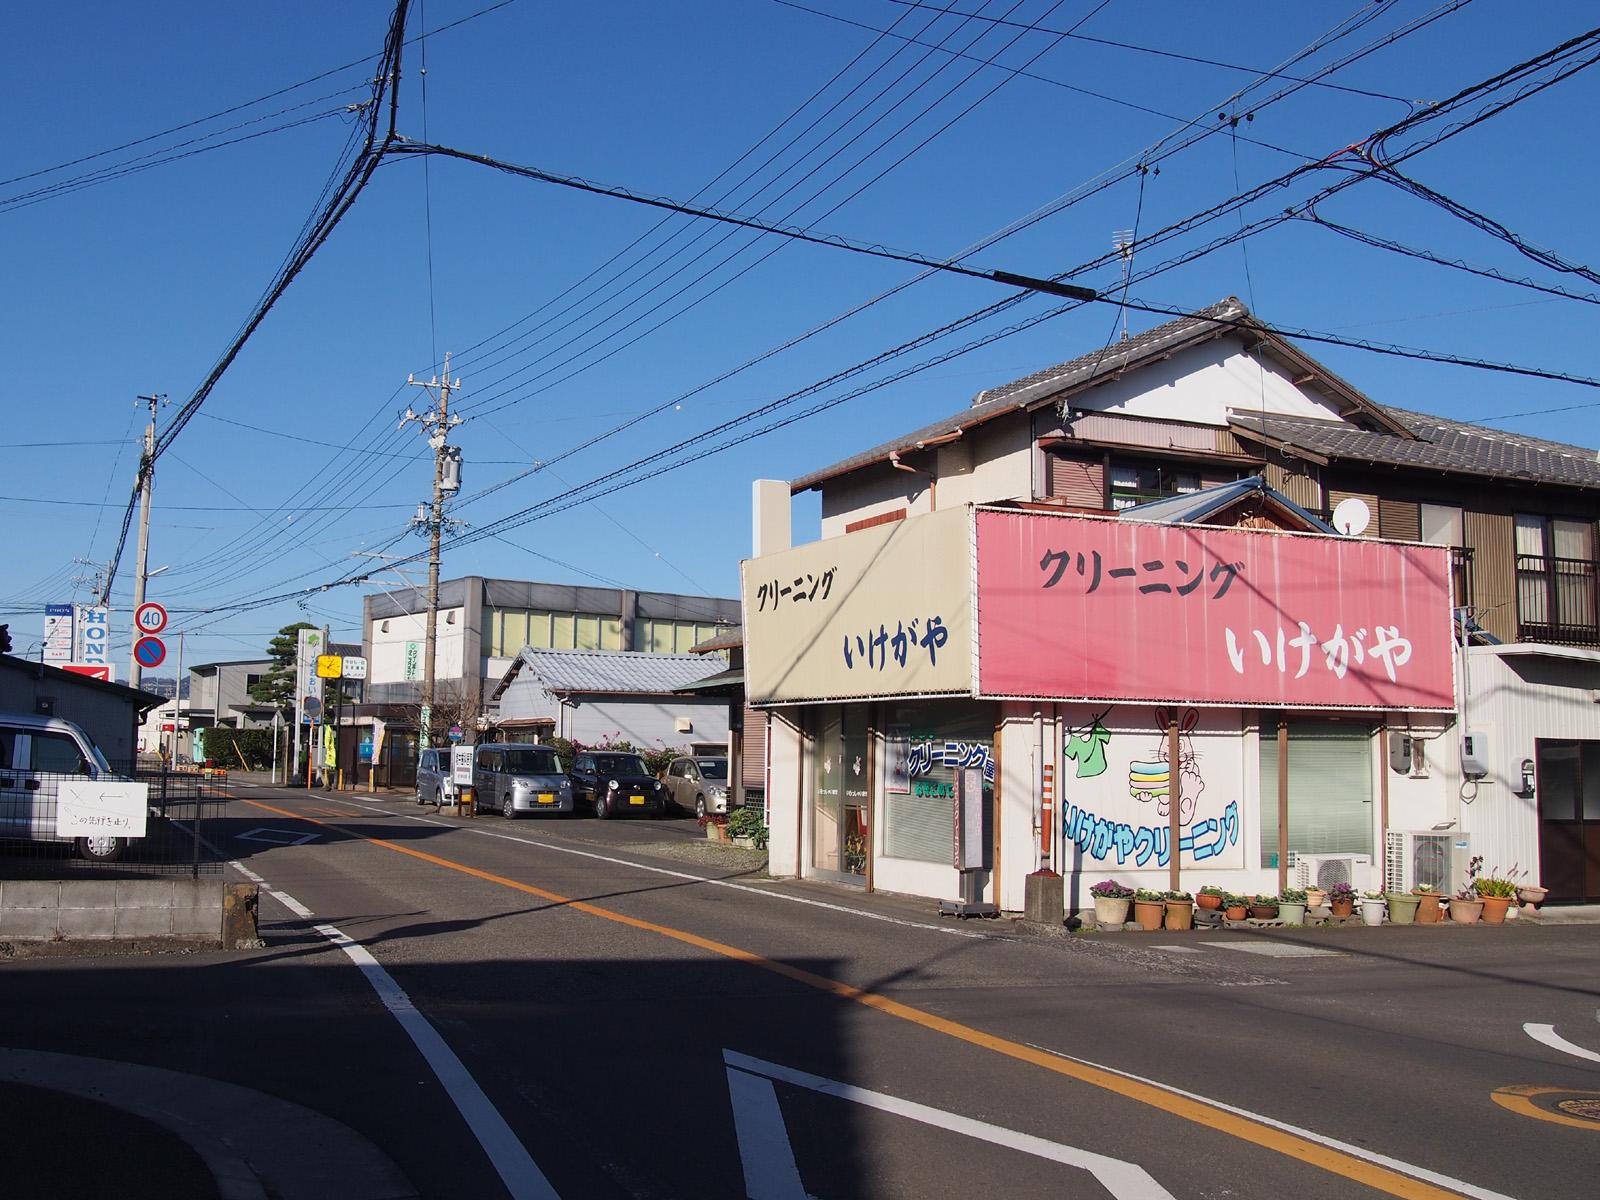 静岡県道31号焼津榛原線 新並橋